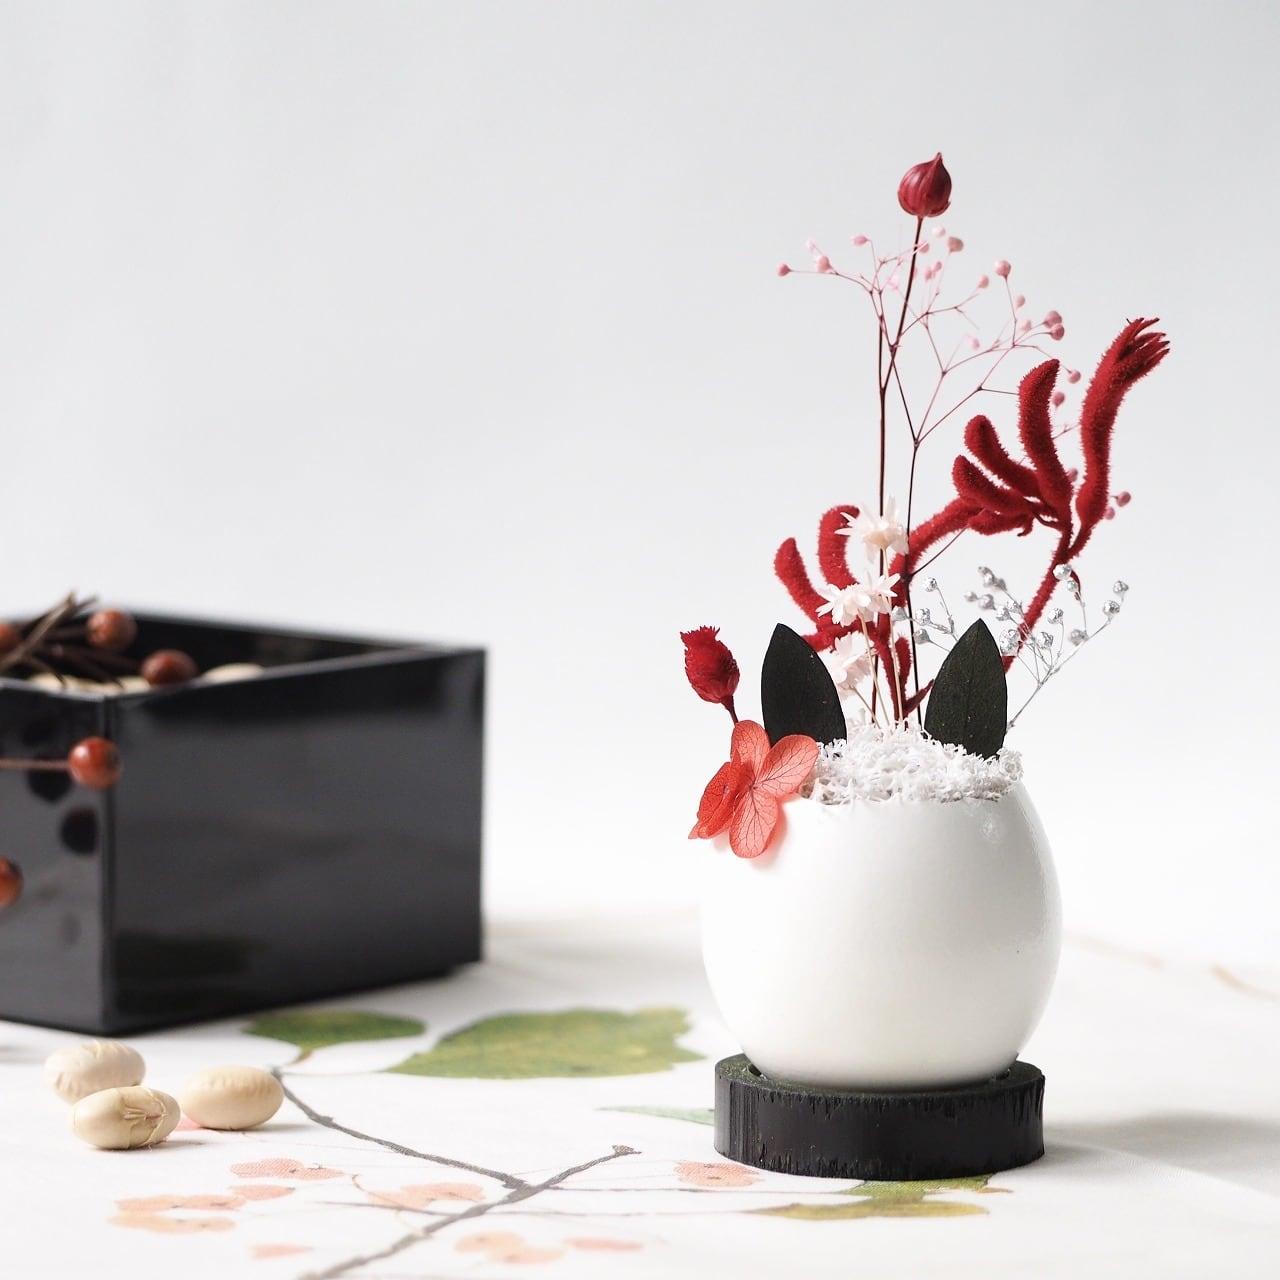 花の猫型盆栽「タマゴノコネコ」(赤色の鬼・節分)